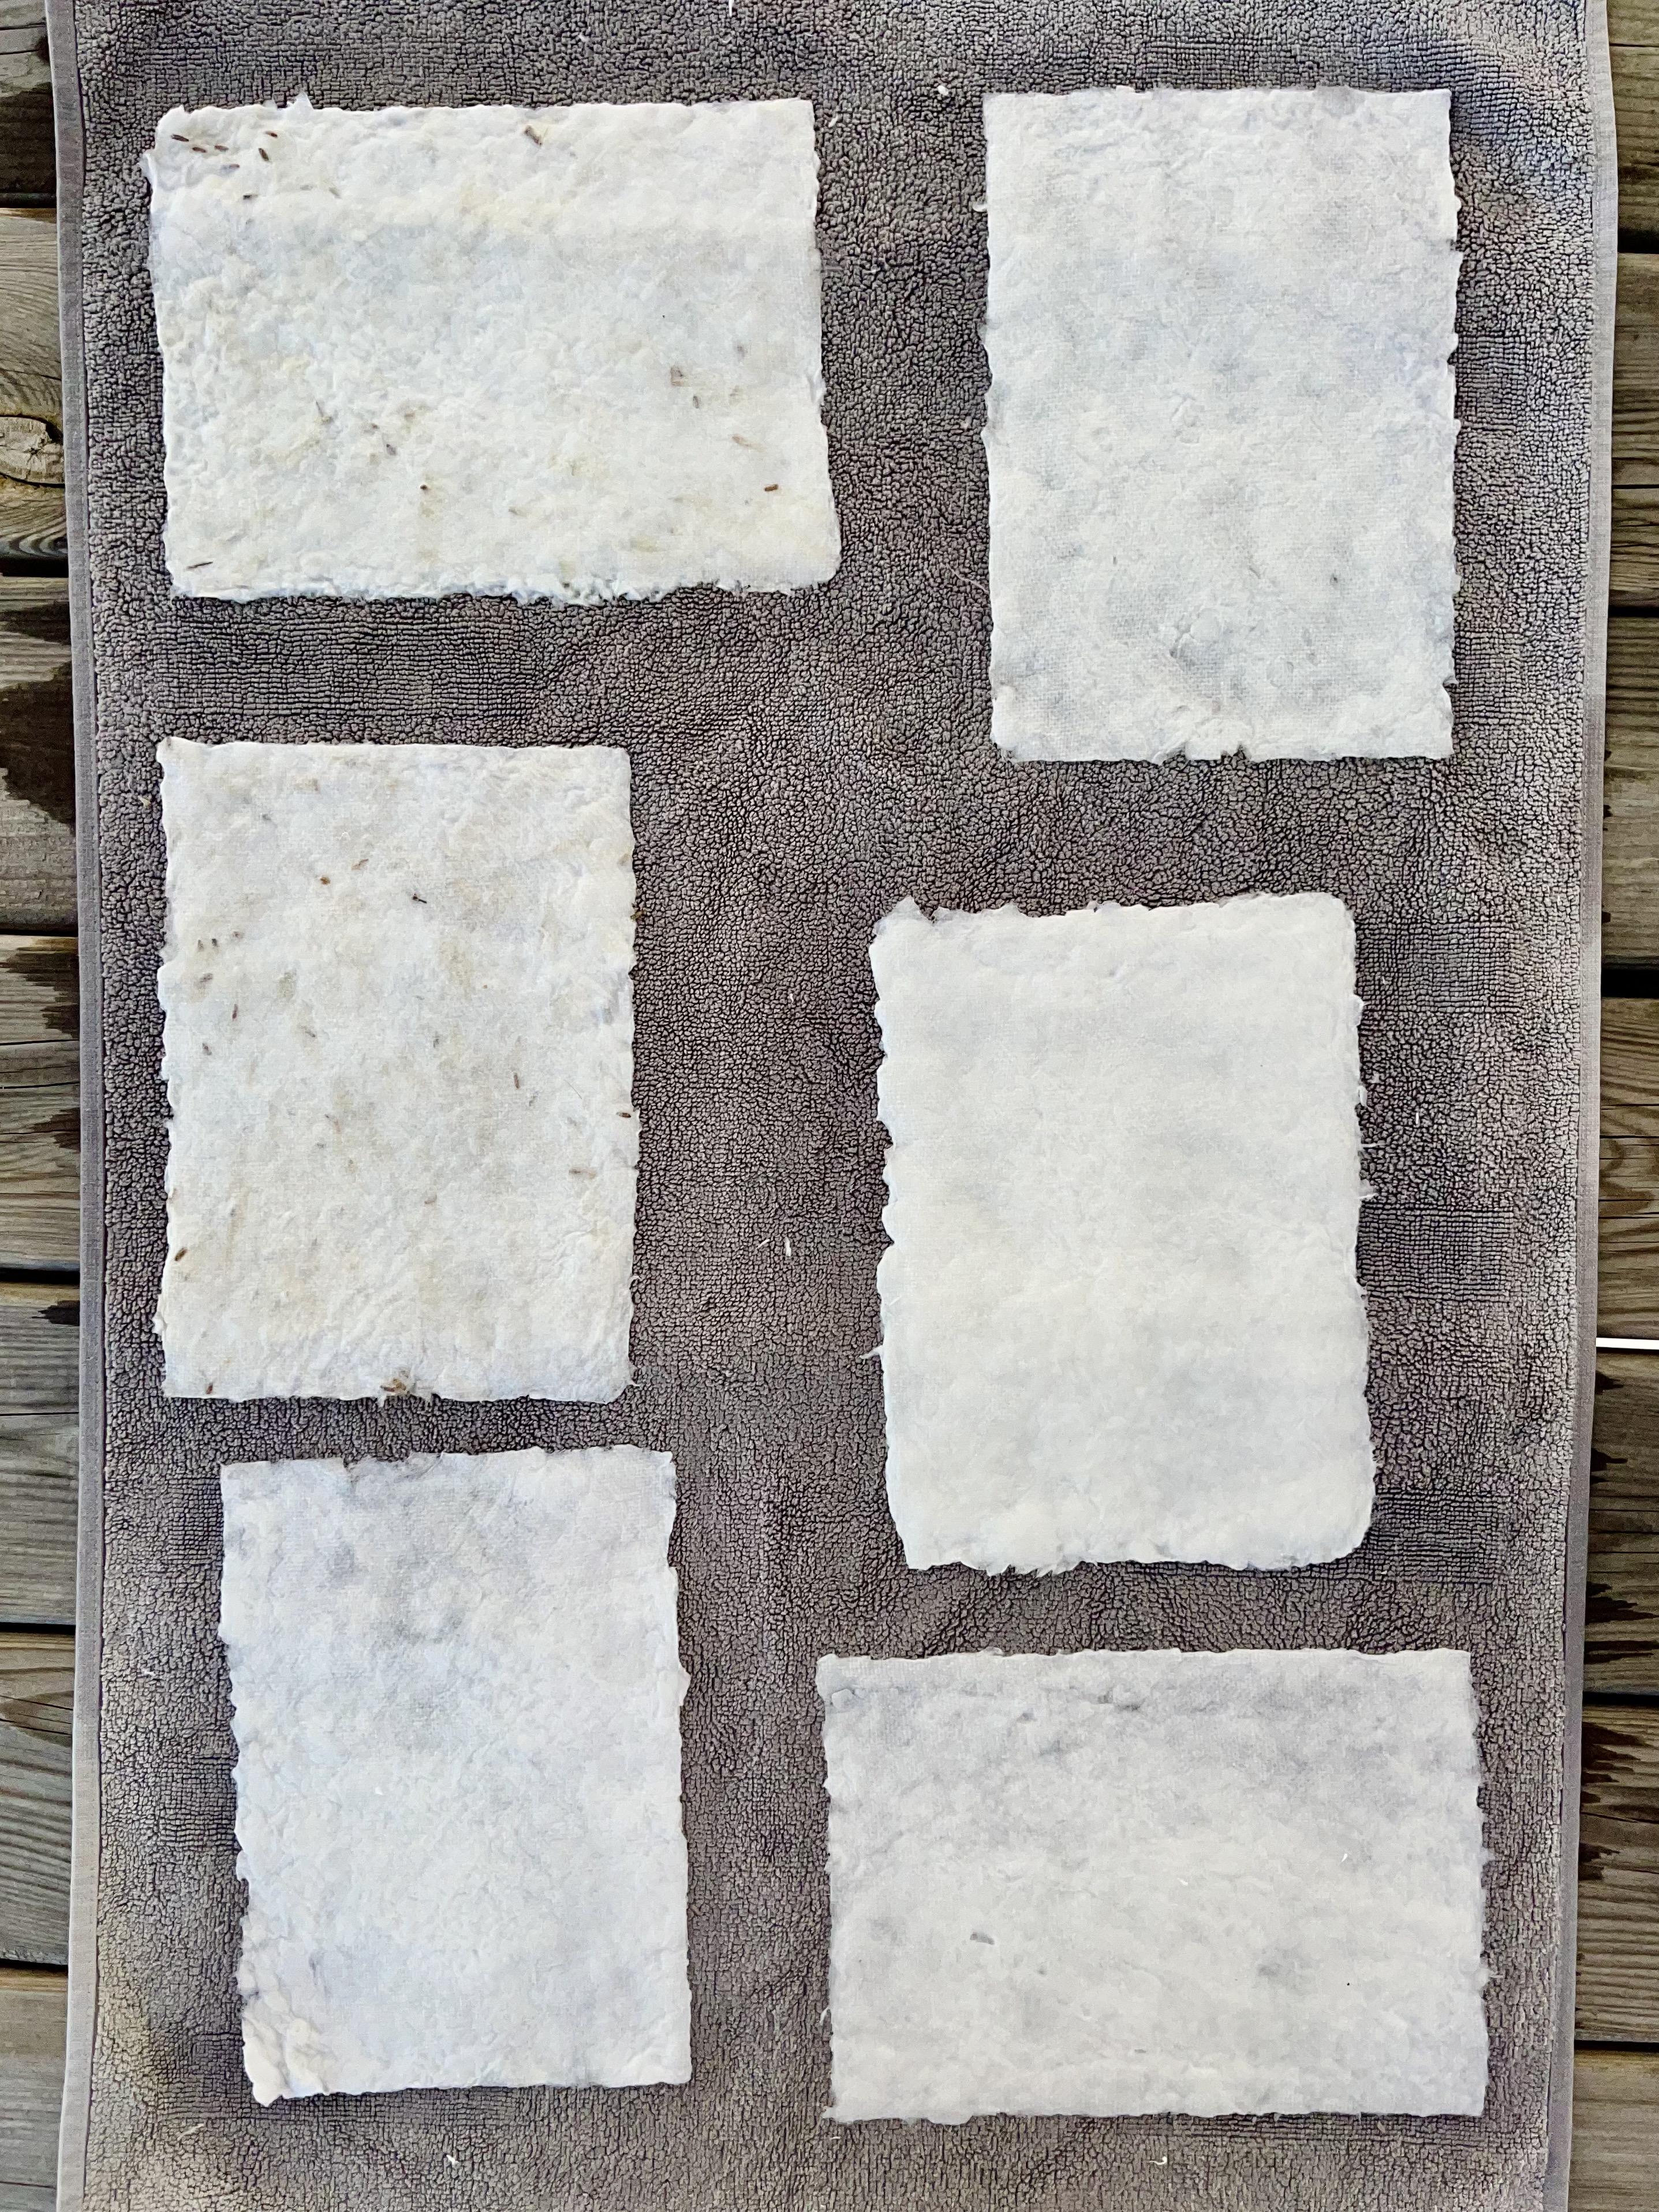 diy fabriquer du papier sechage